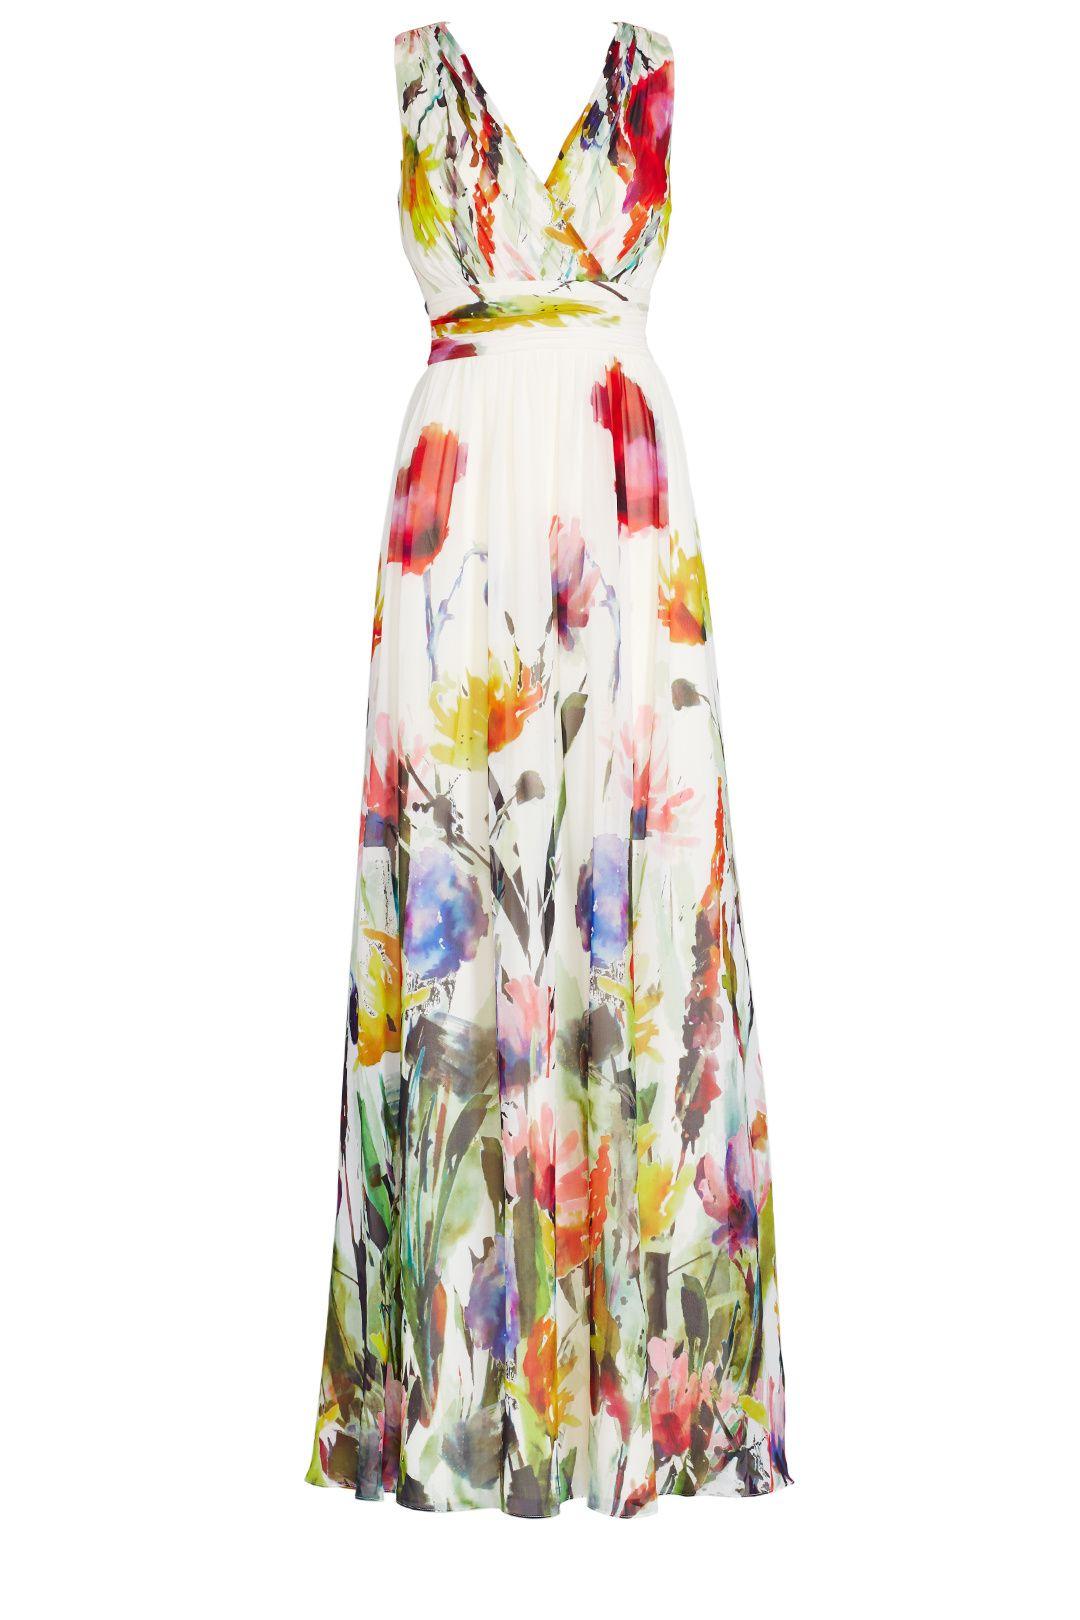 Badgley mischka painted petals maxi dress clothes pinterest